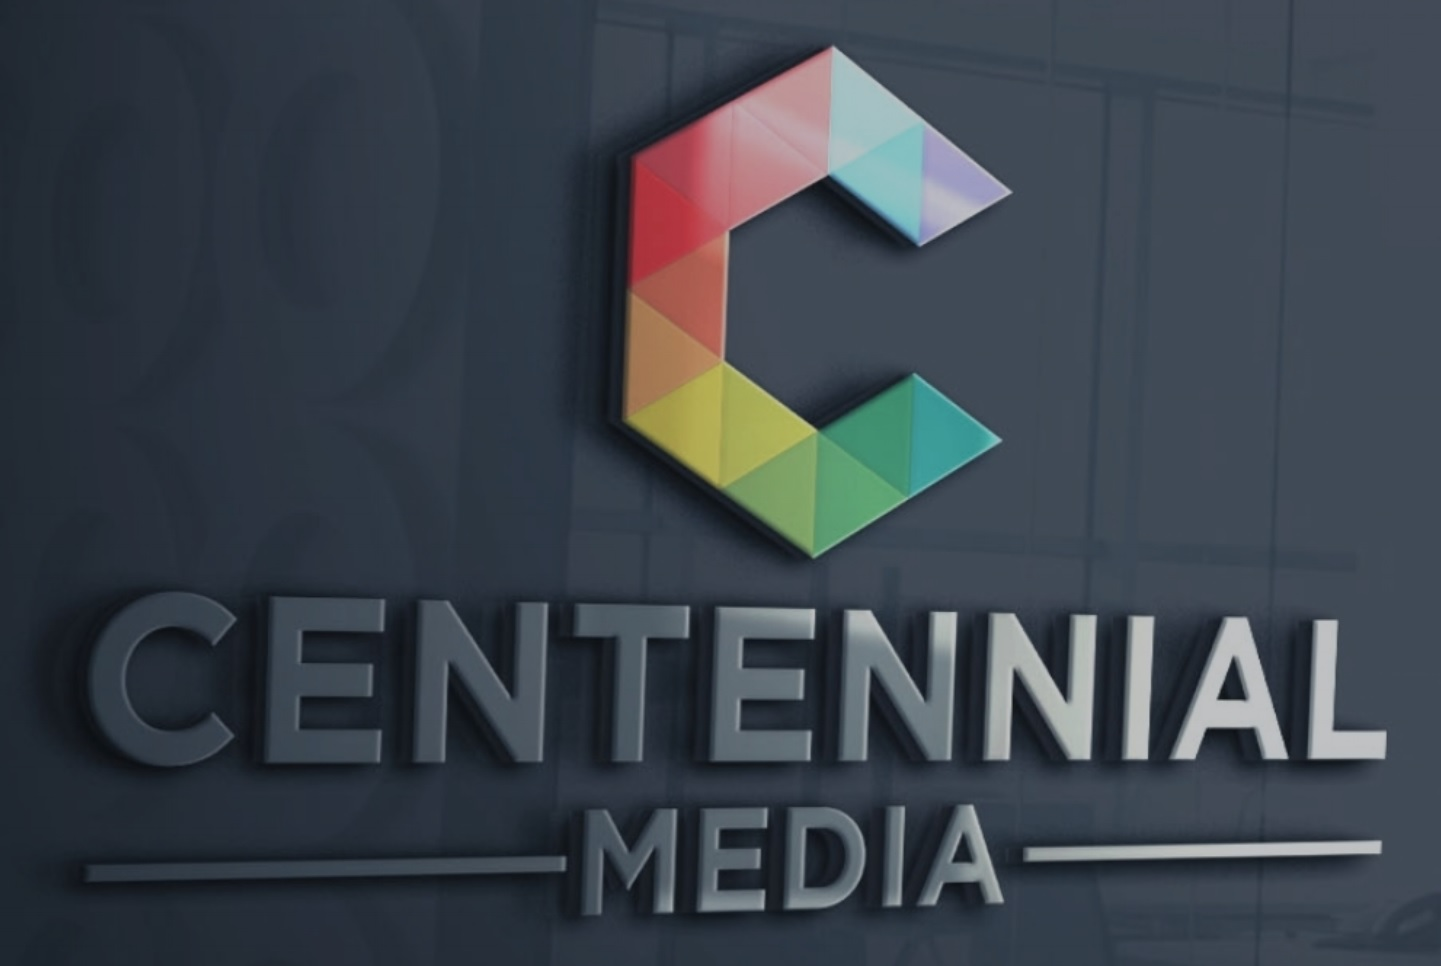 Centennial.jpg